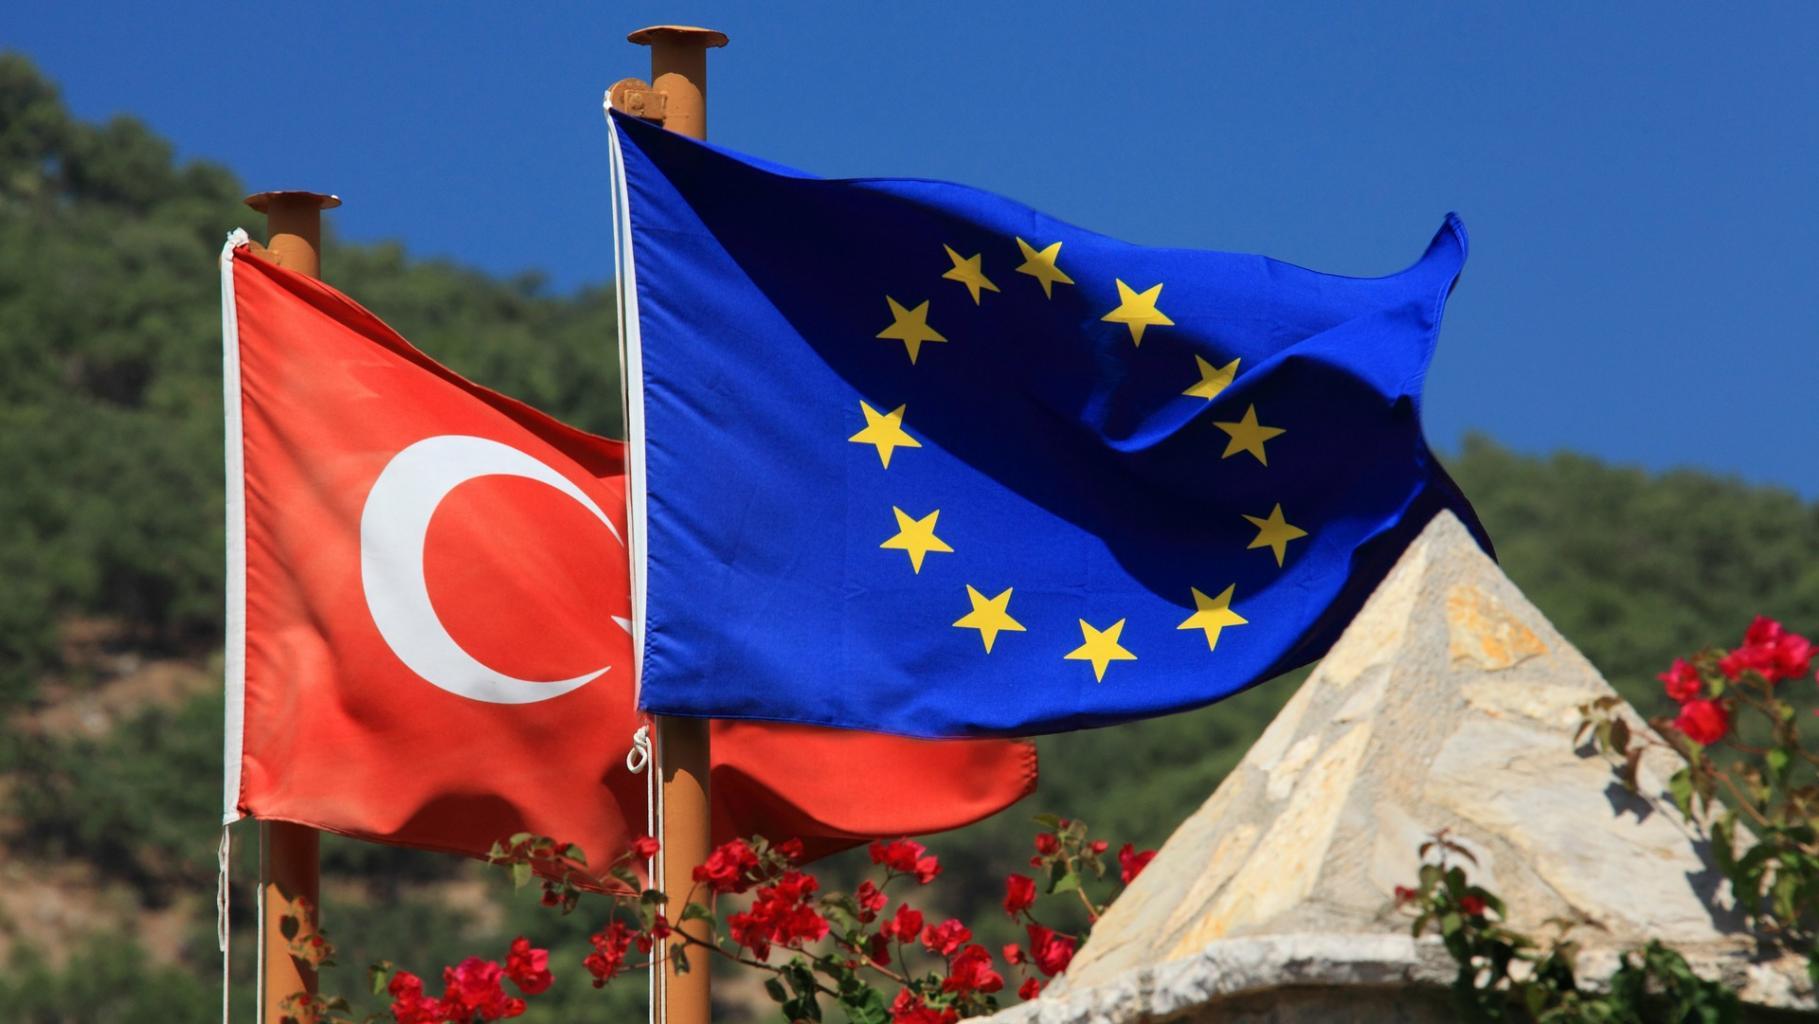 Die Flaggen der EU und der Türkei. Ihr Abkommen ist ein schlechter Deal für Geflüchtete.